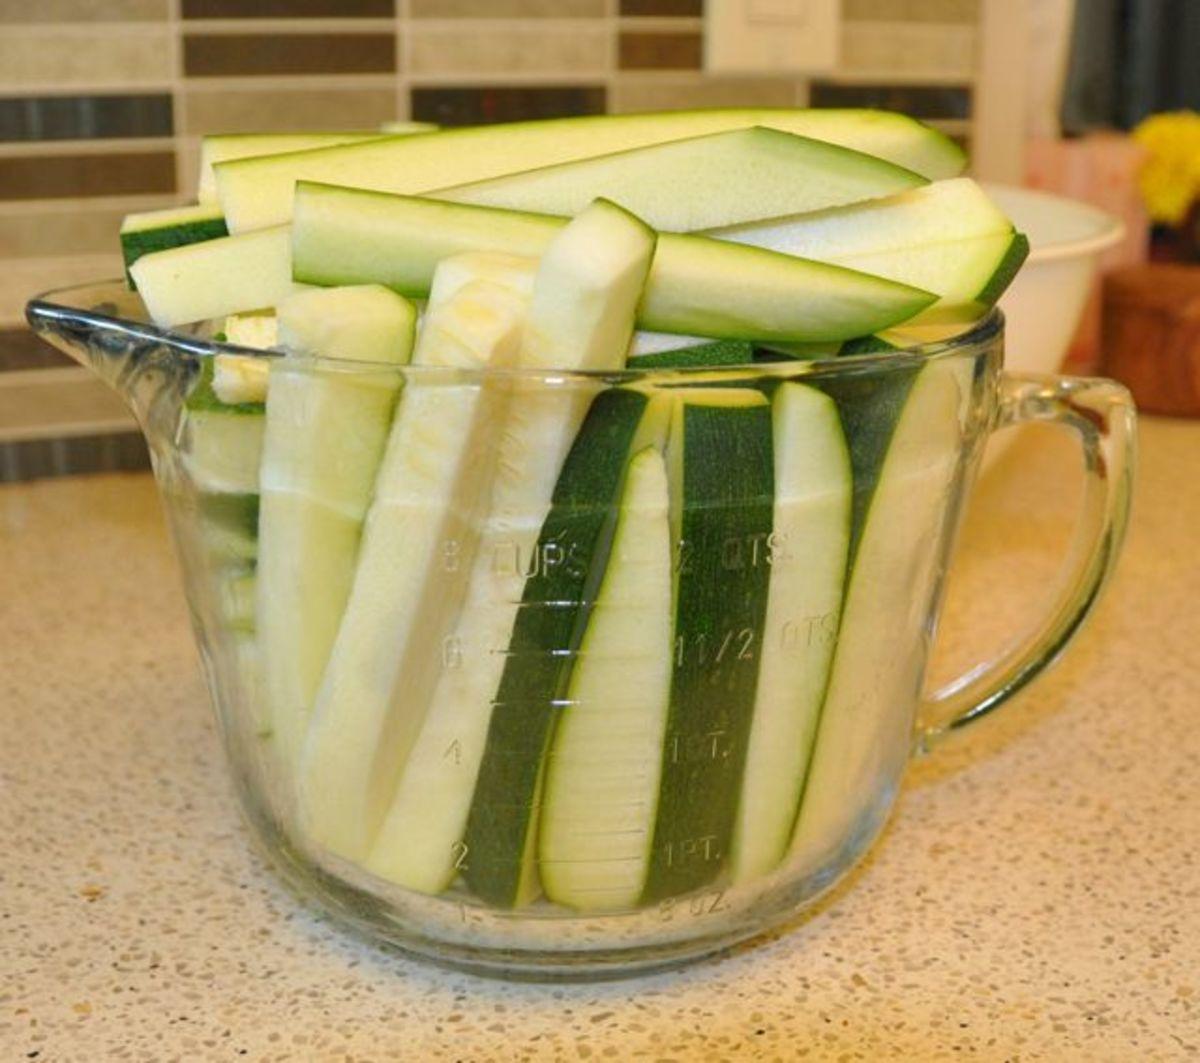 10 cups of zucchini.